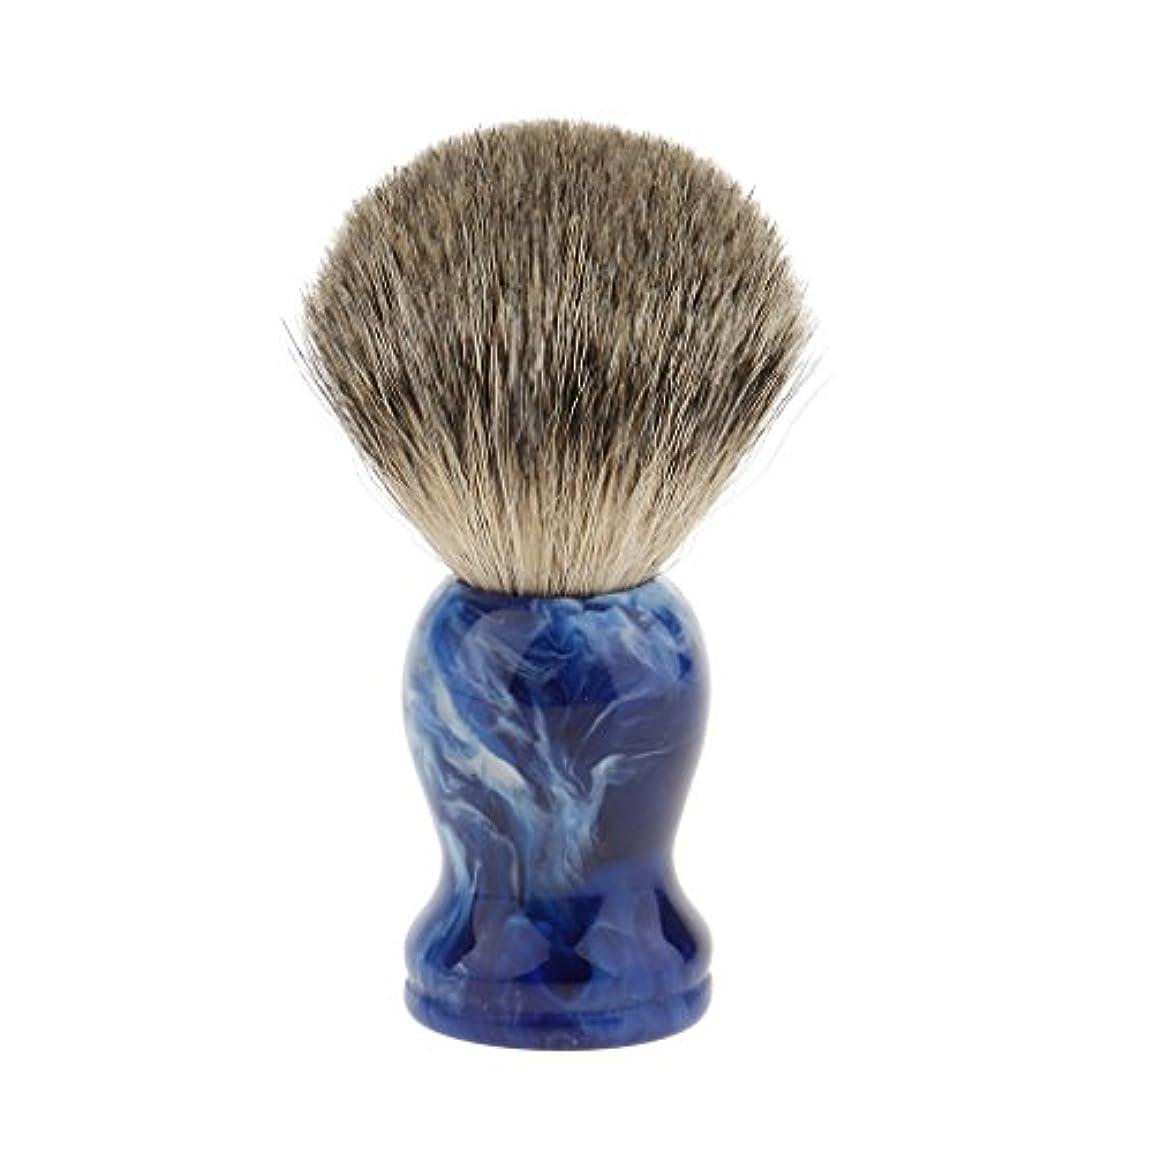 傾向同行フェミニンシェービングブラシ 理髪師 ひげ クリーニングツール プロ サロン 家庭 個人用